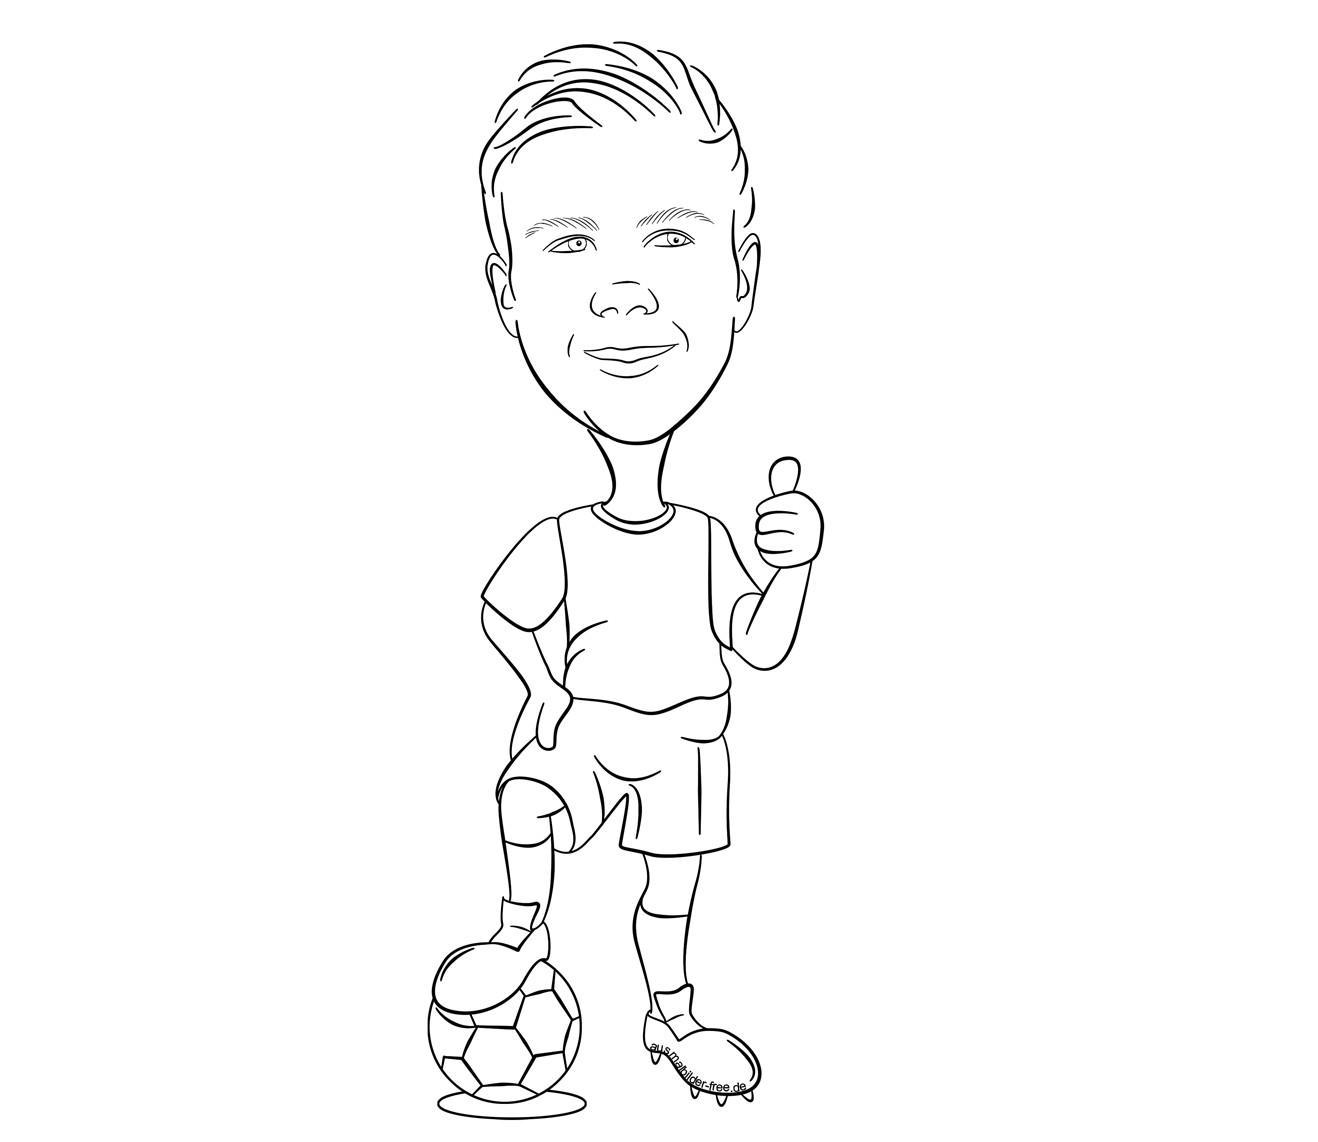 Malvorlagen Mario Inspirierend Ausmalbilder Fußballspieler Götze 1160 Malvorlage Fußball T8dj Fotografieren